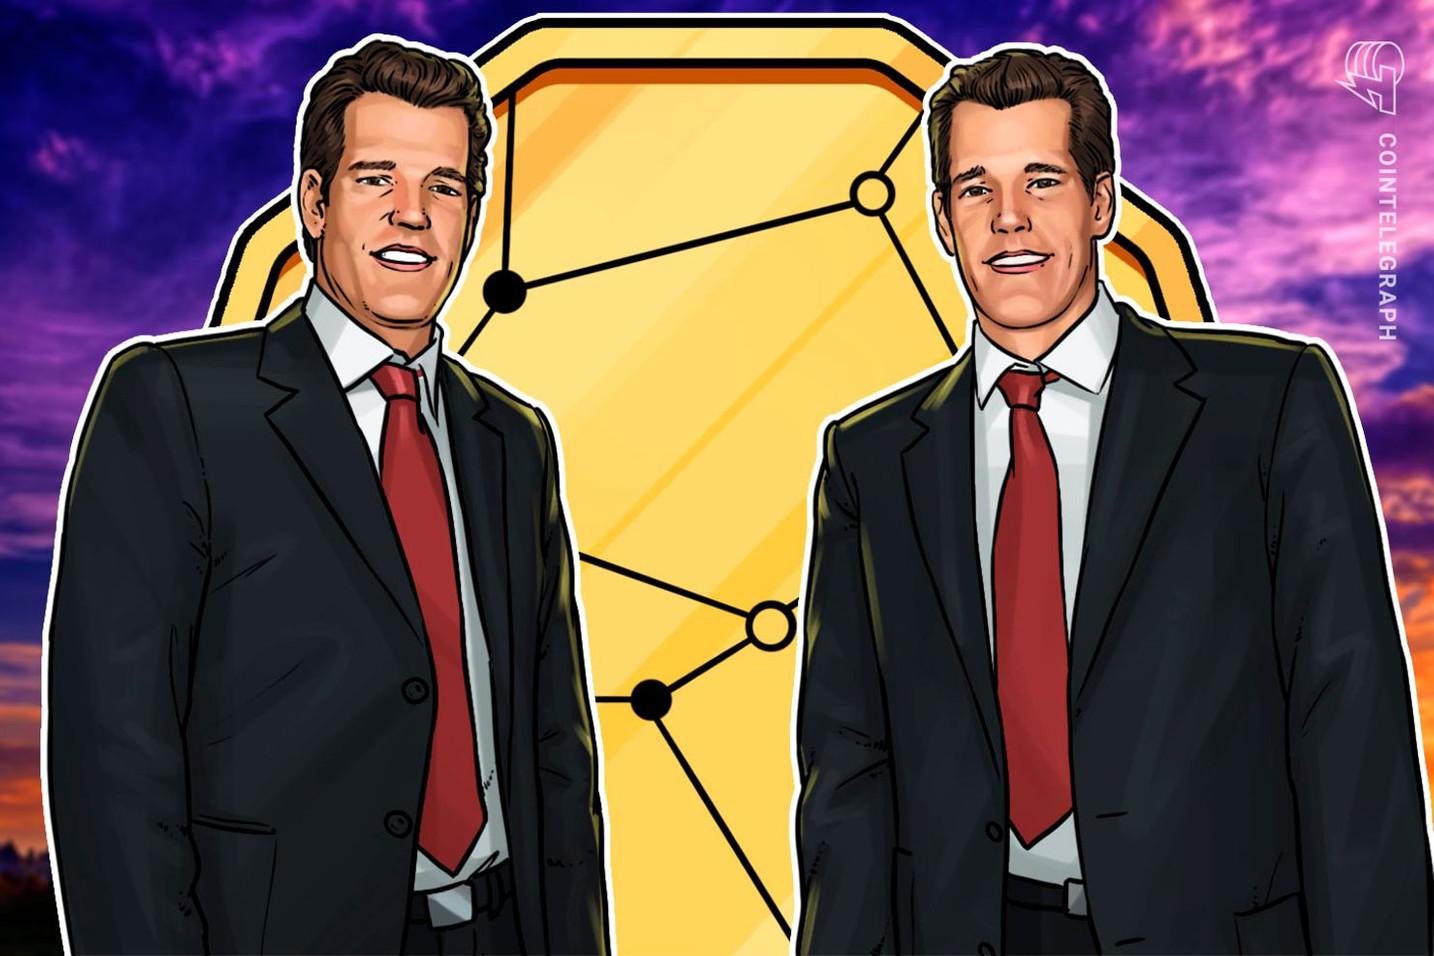 2020年代は仮想通貨の時代に ウィンクルボス兄弟「 誰に取っても不可欠なものになる」【ニュース】